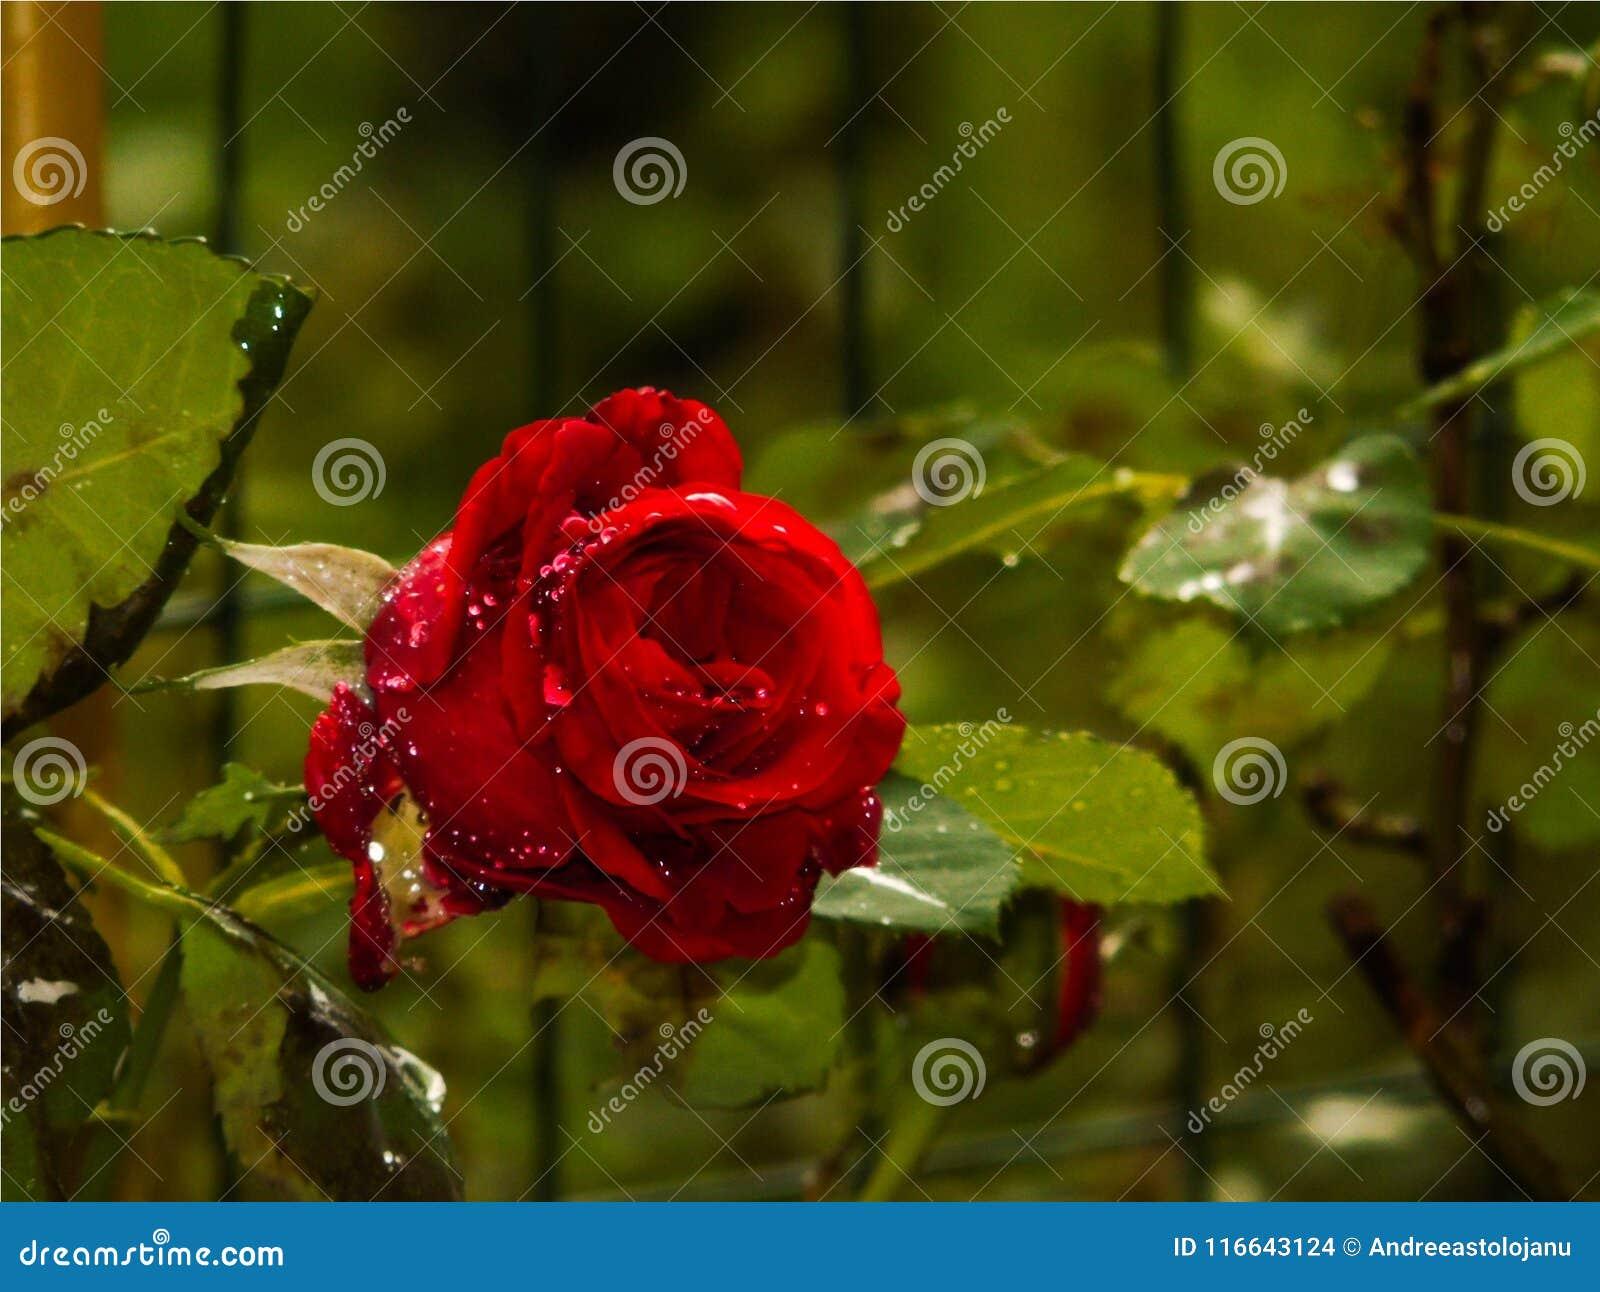 La Rose De Rouge A Fleuri Avec Des Gouttes De Pluie Sur Les Petales